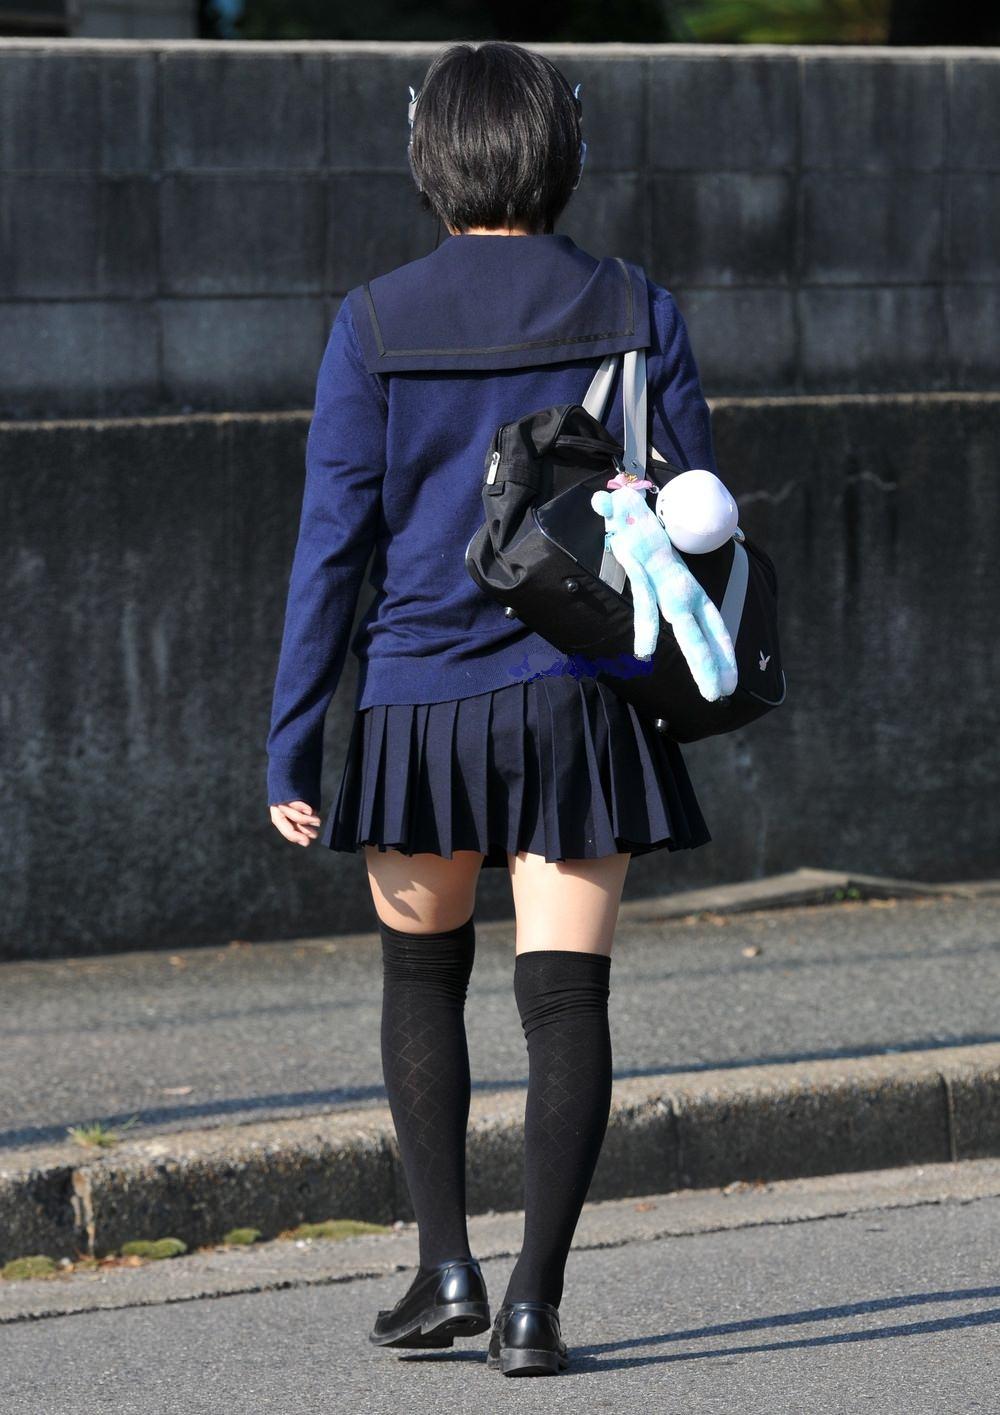 放課後を満喫するJK街撮りエロ画像 LiU6CRl